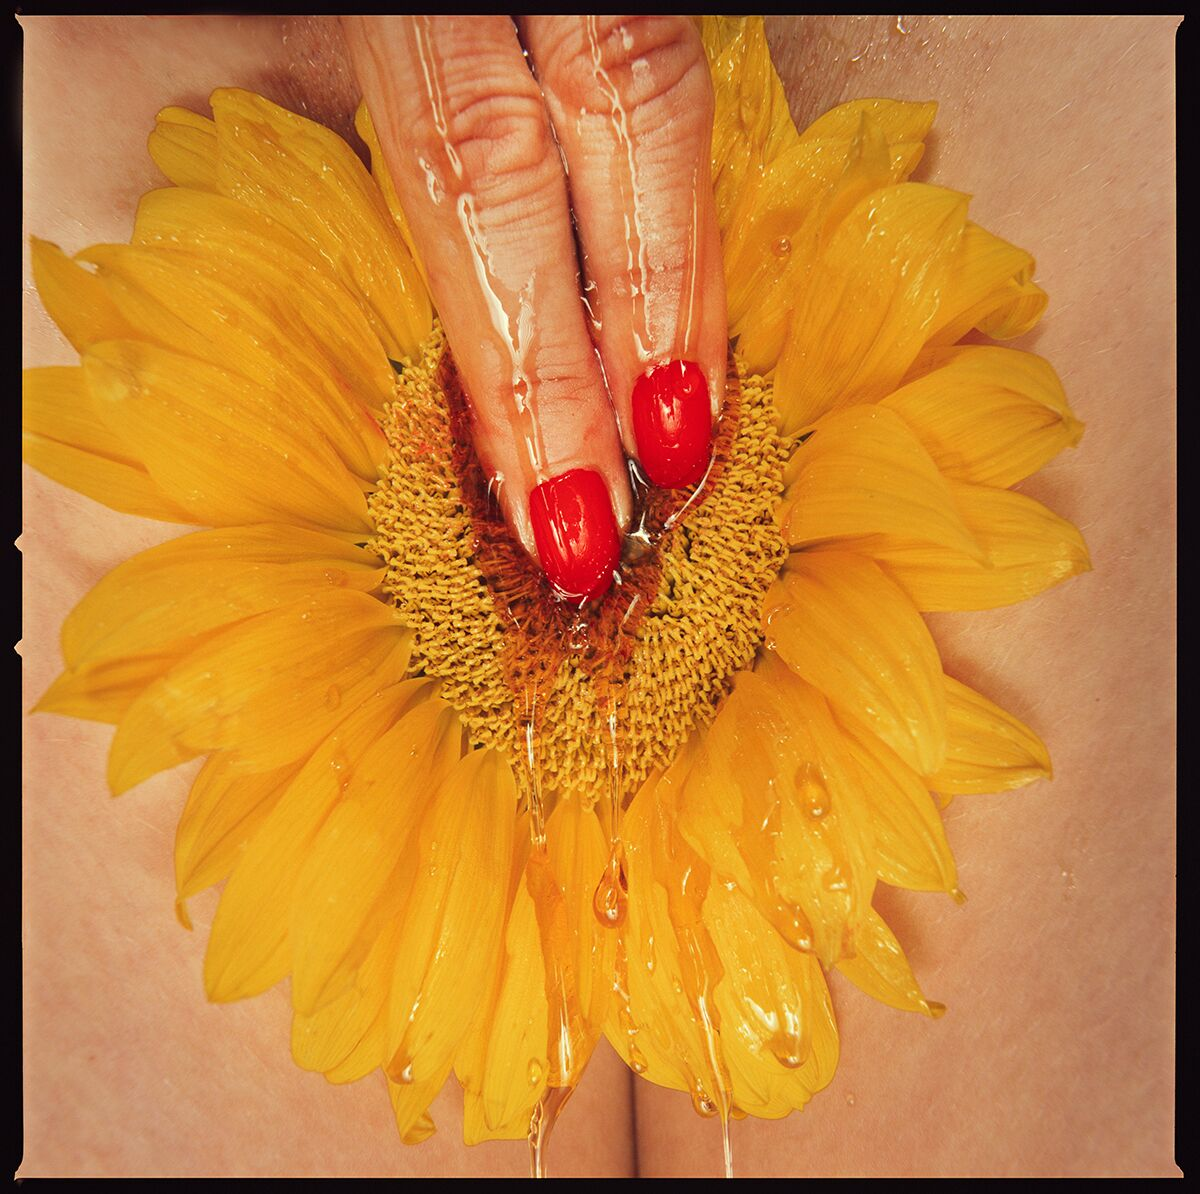 Sunflower by Tyler Shields